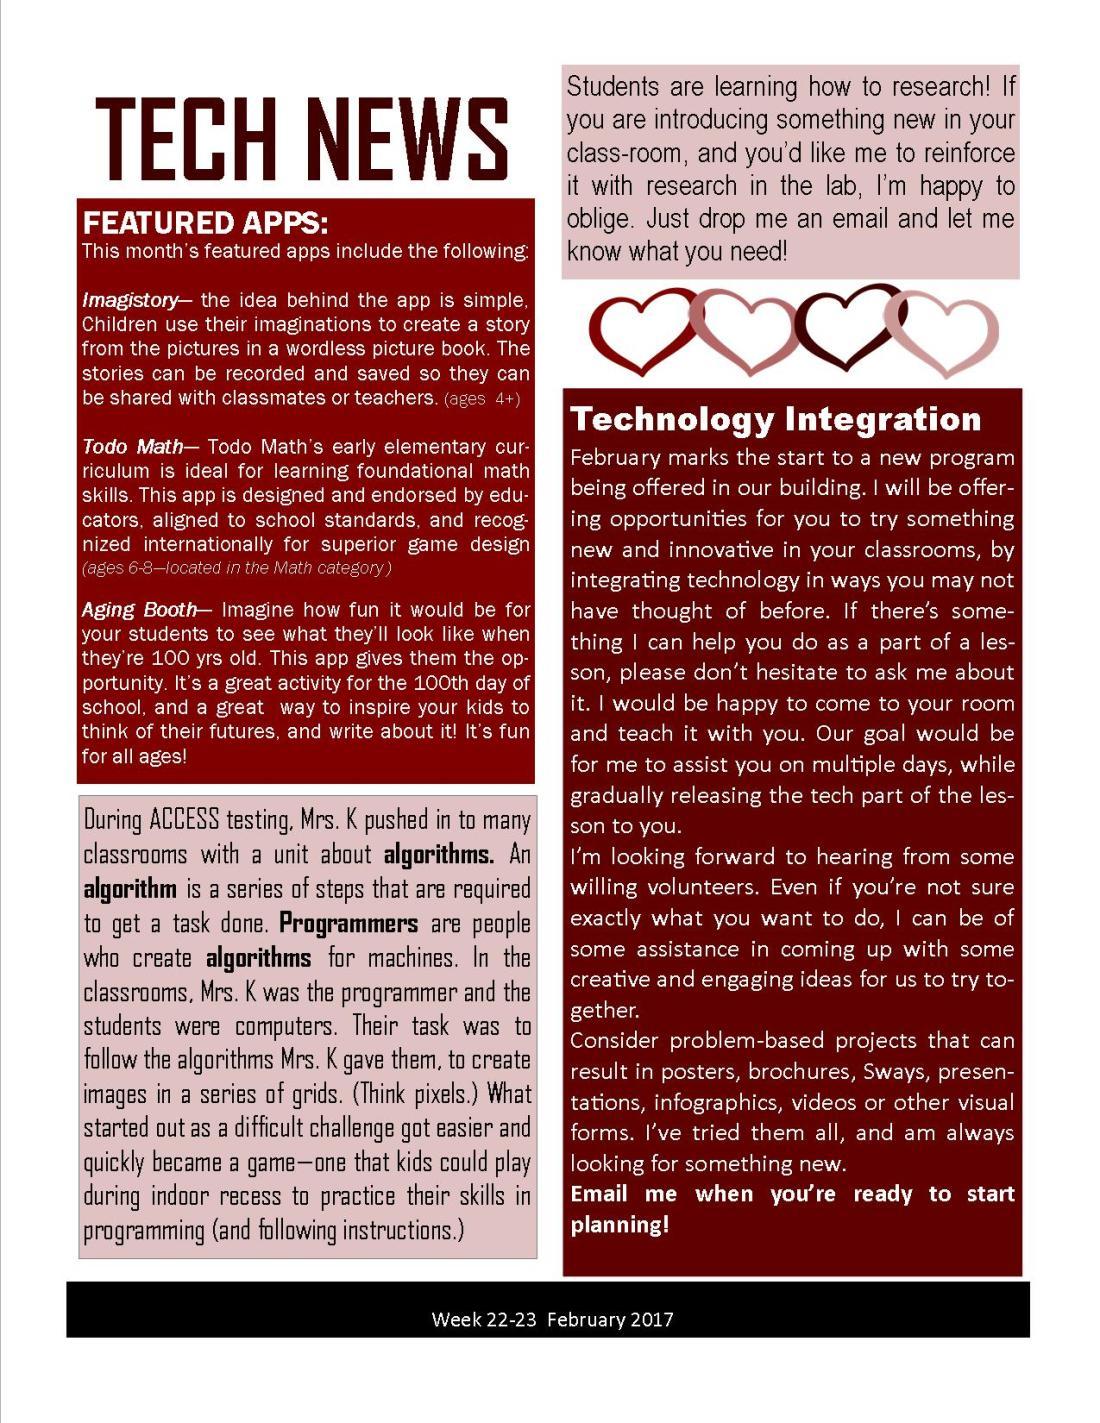 TECH NEWS 2017 - week 22-23